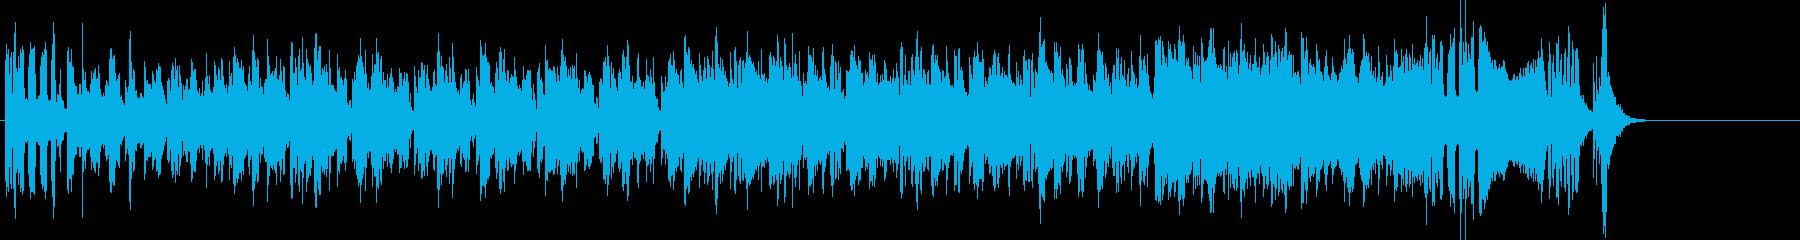 インパクトの強いエレクトリック・ファンクの再生済みの波形